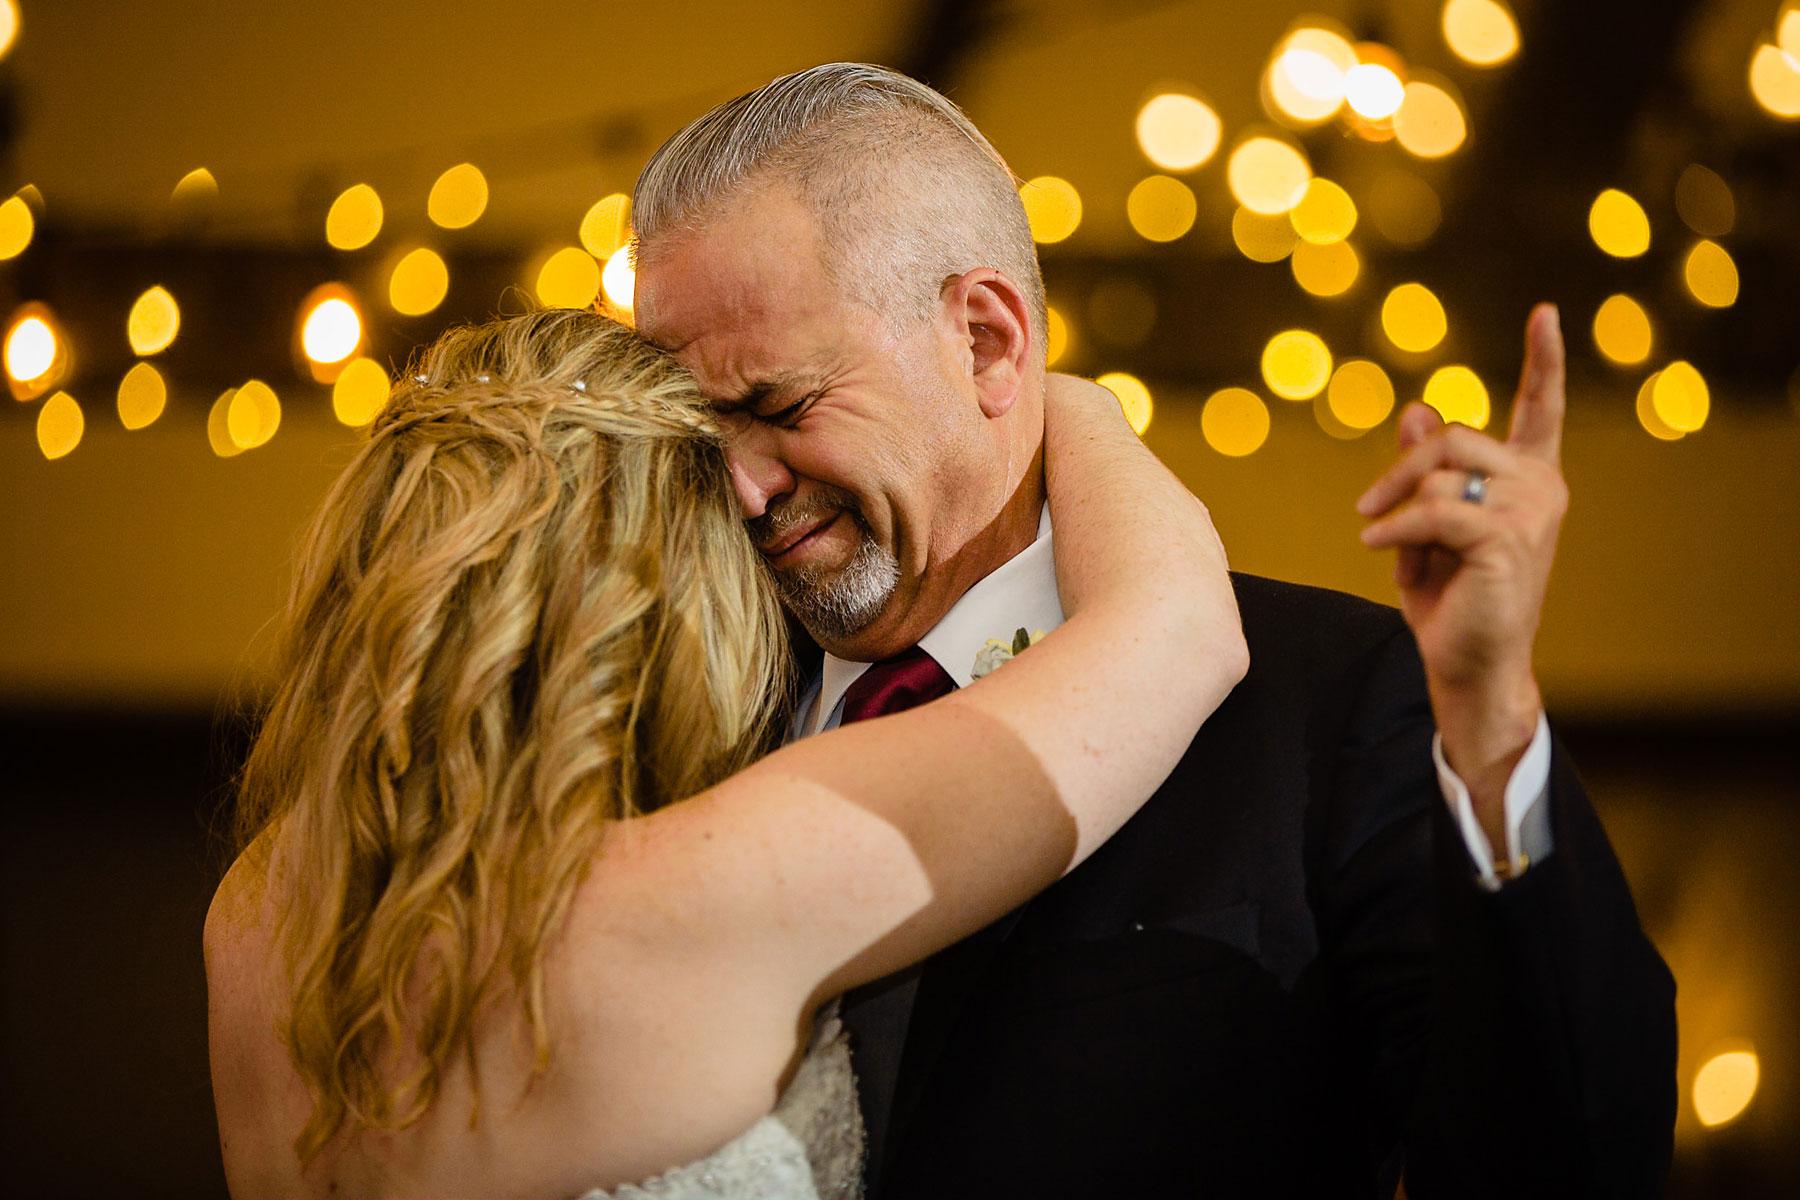 Huwelijksfotografie momenten met ouders. Foto van de vader die met zijn dochter danst. Ouders worden emotioneel op de bruiloft.